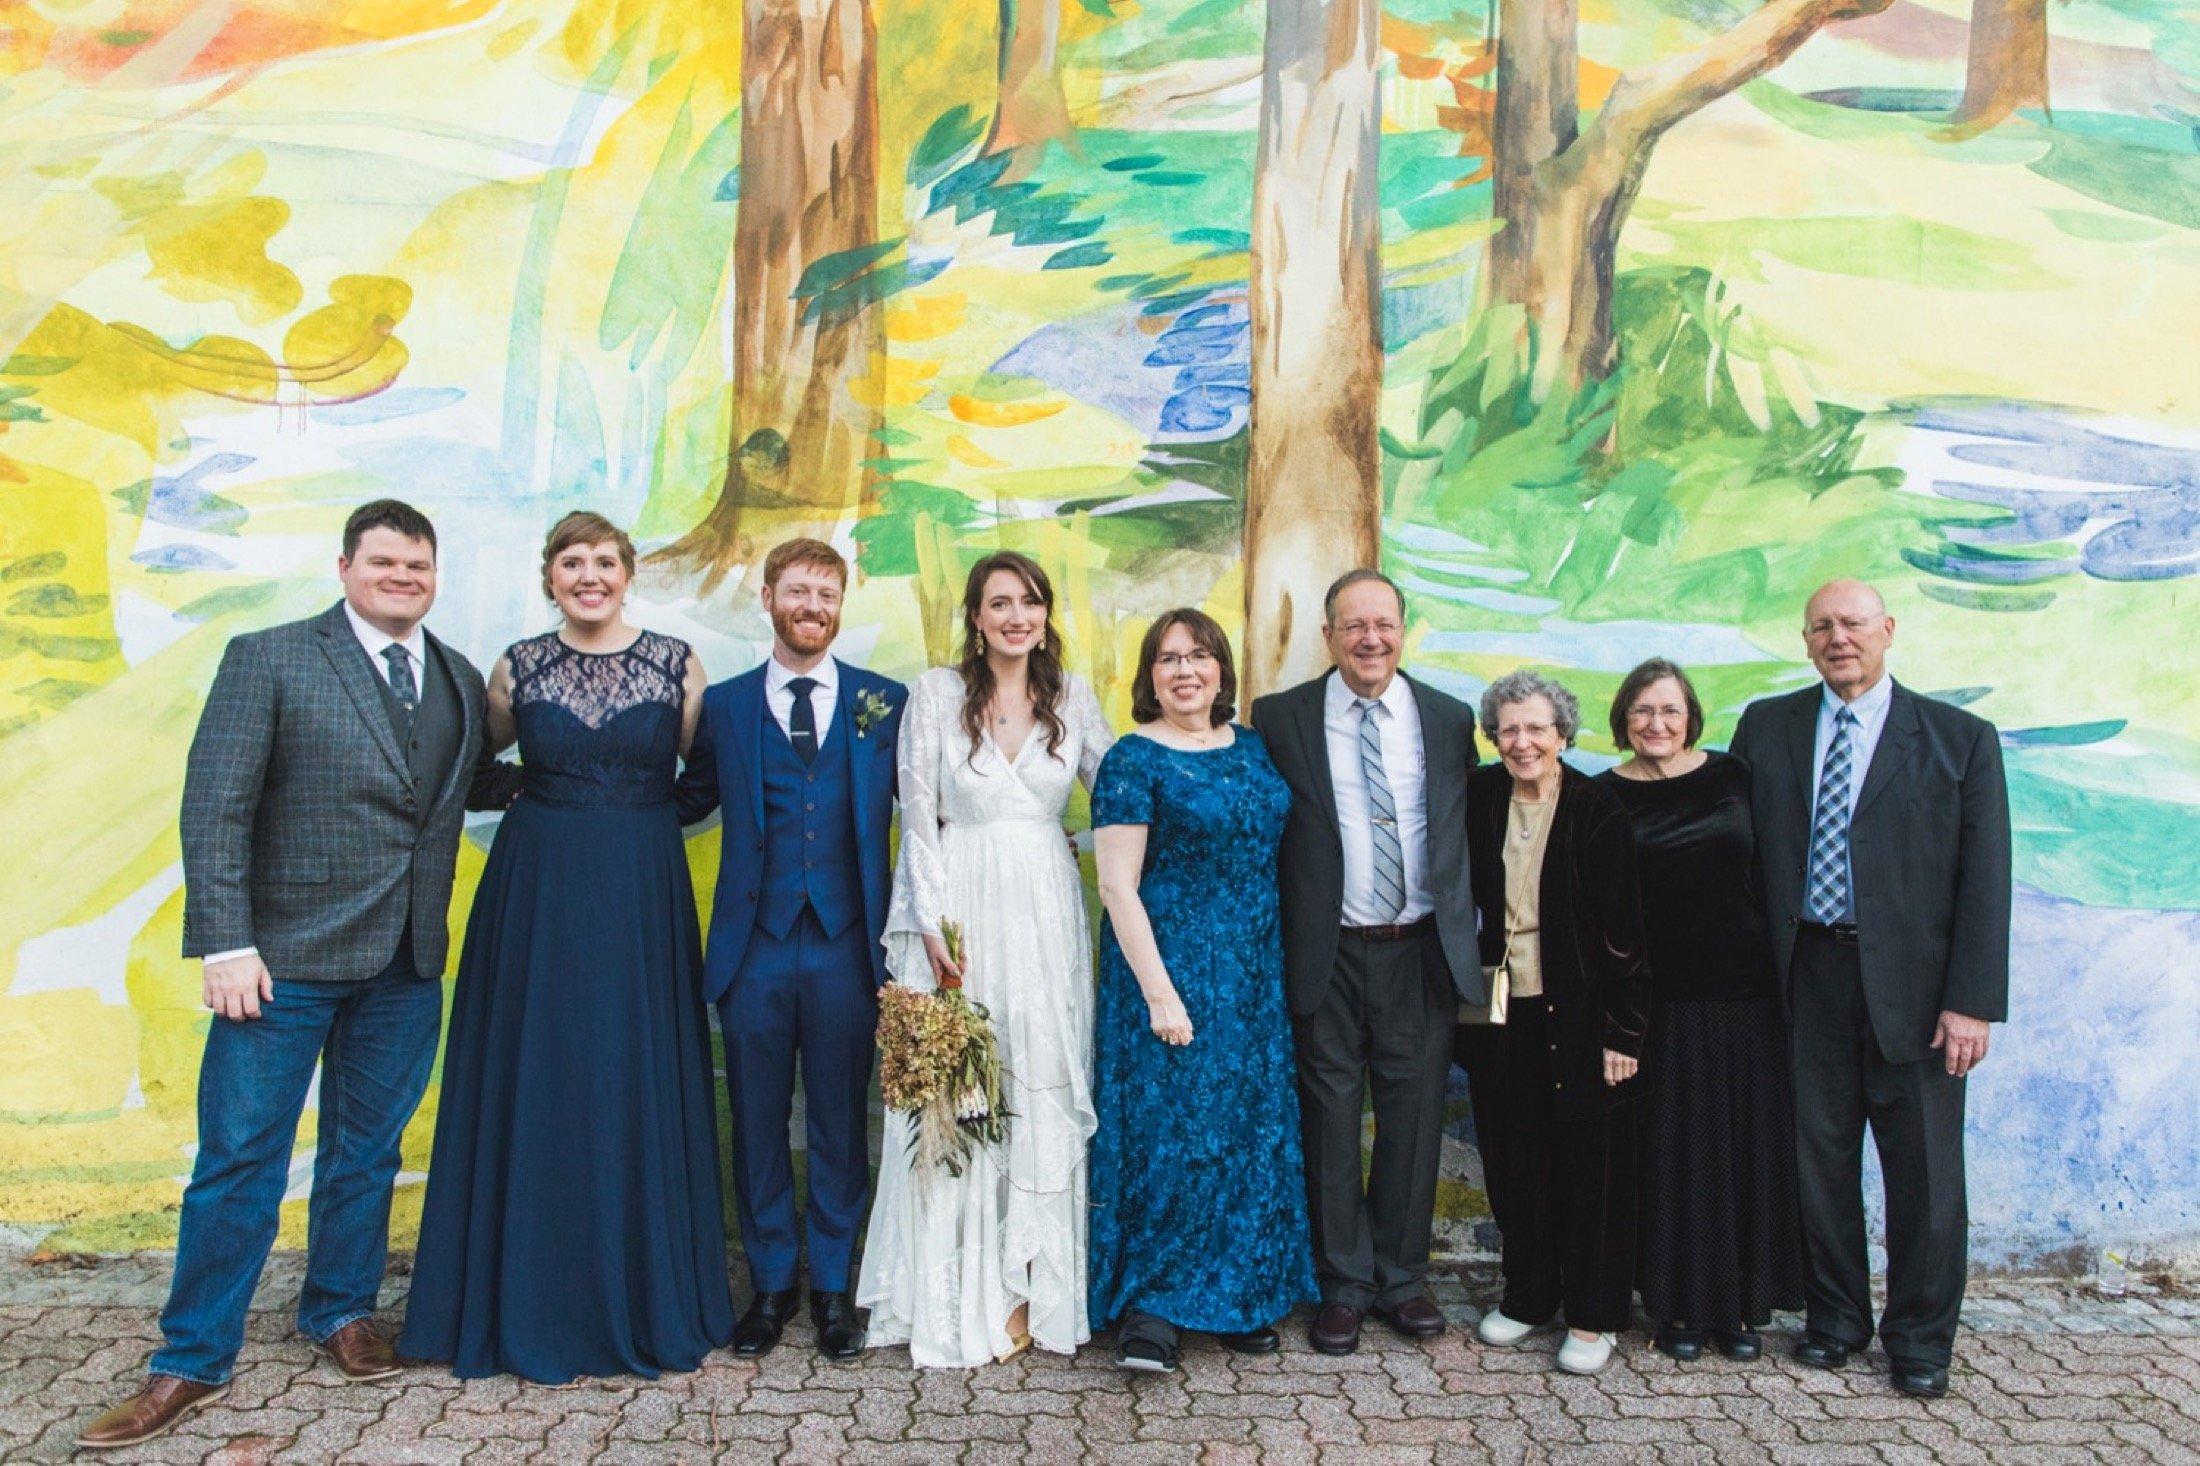 Fleisher Art Memorial, wedding, family photos, mural